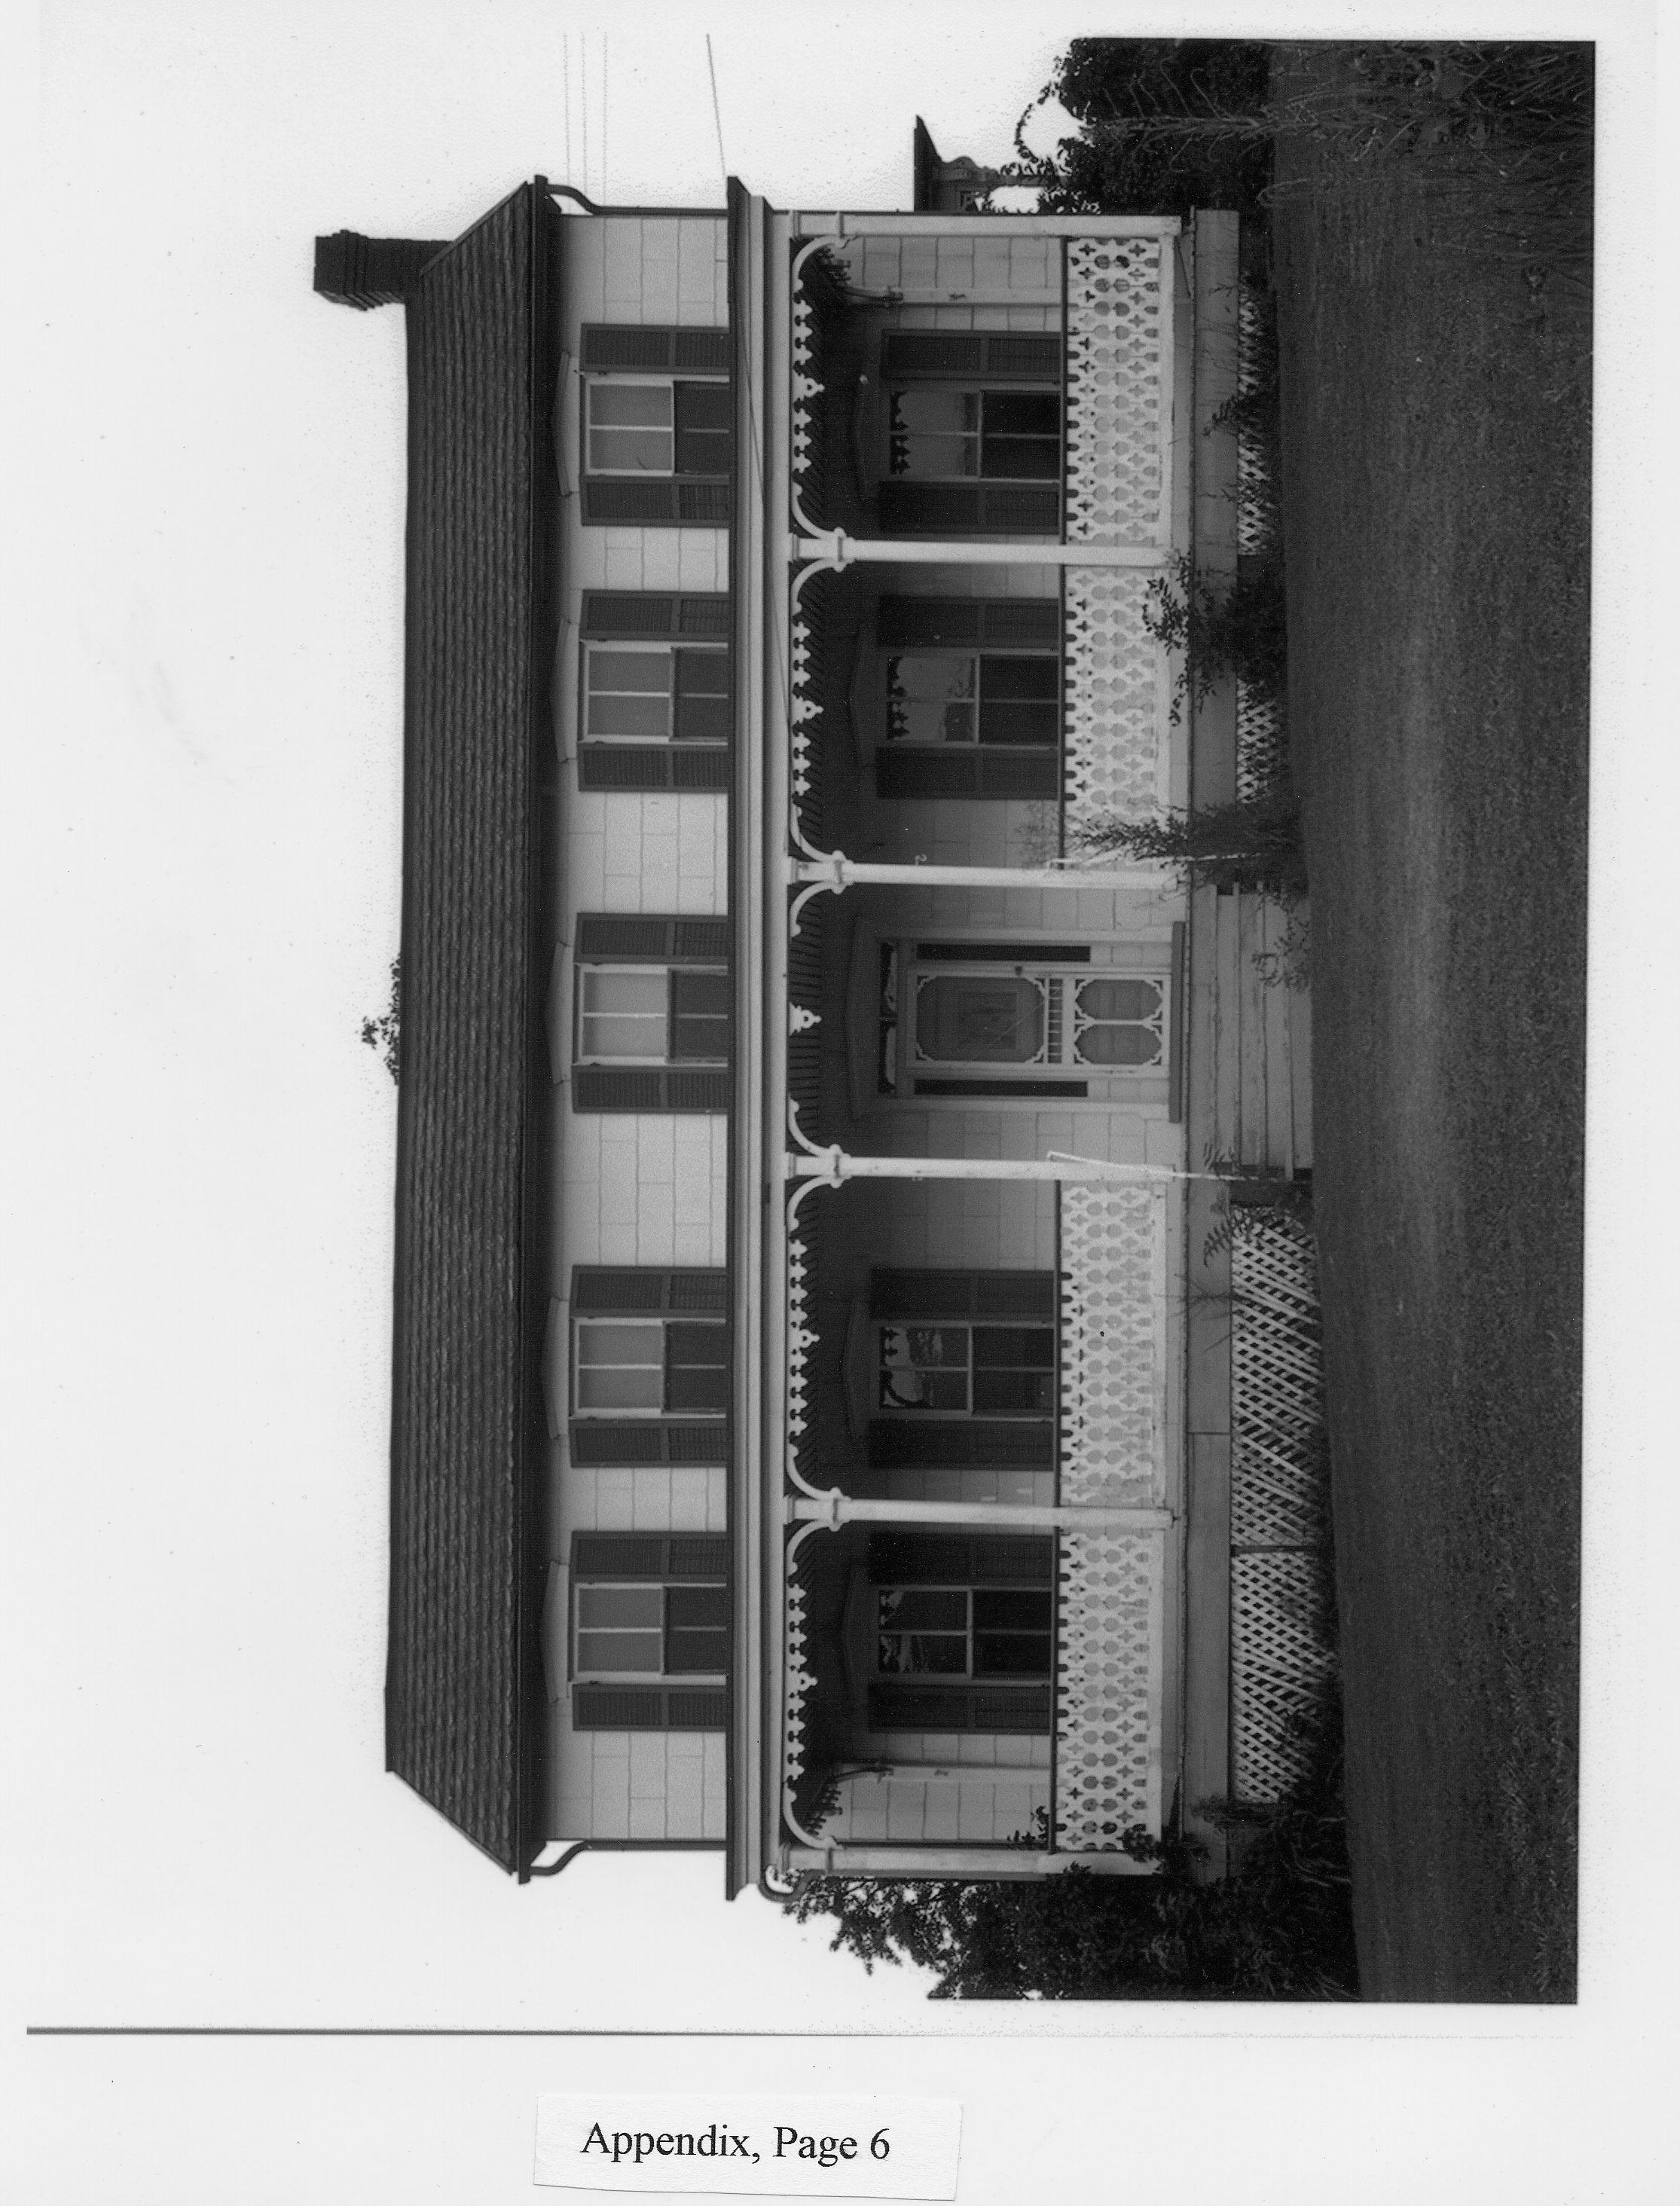 Davidson C. Miller - Family History